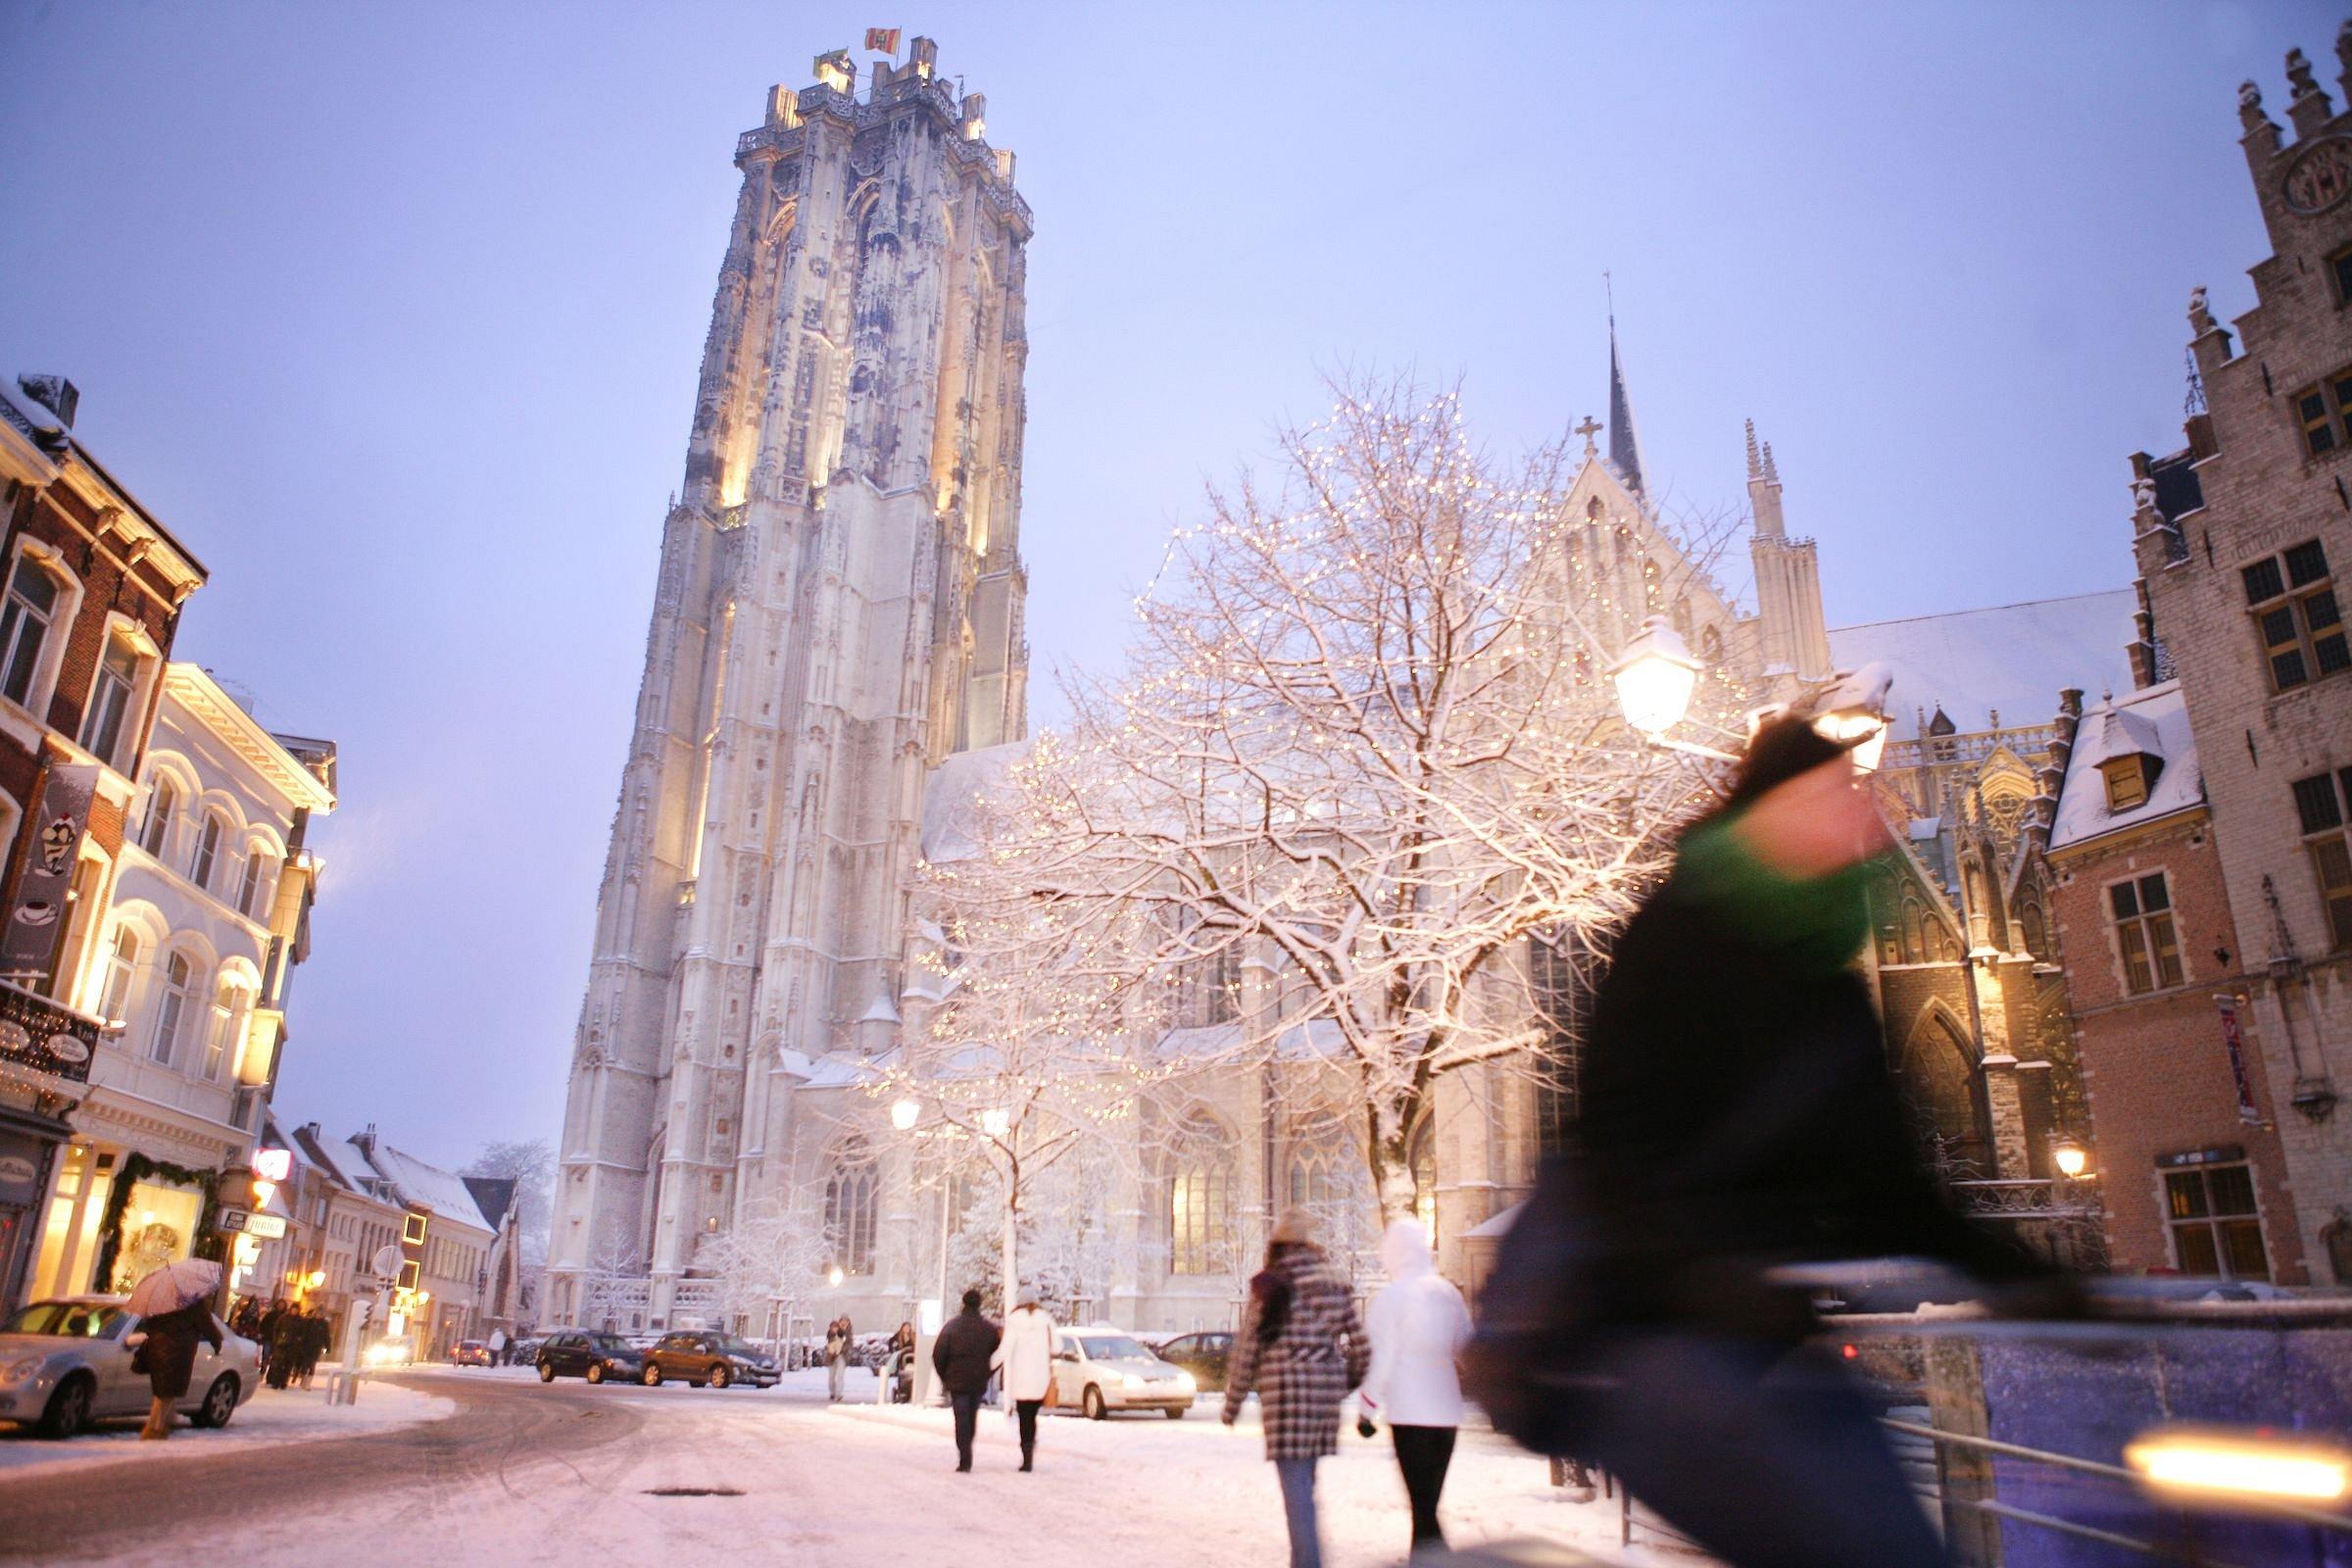 Travel | Welkom in Mechelen, de warmste stad van België!